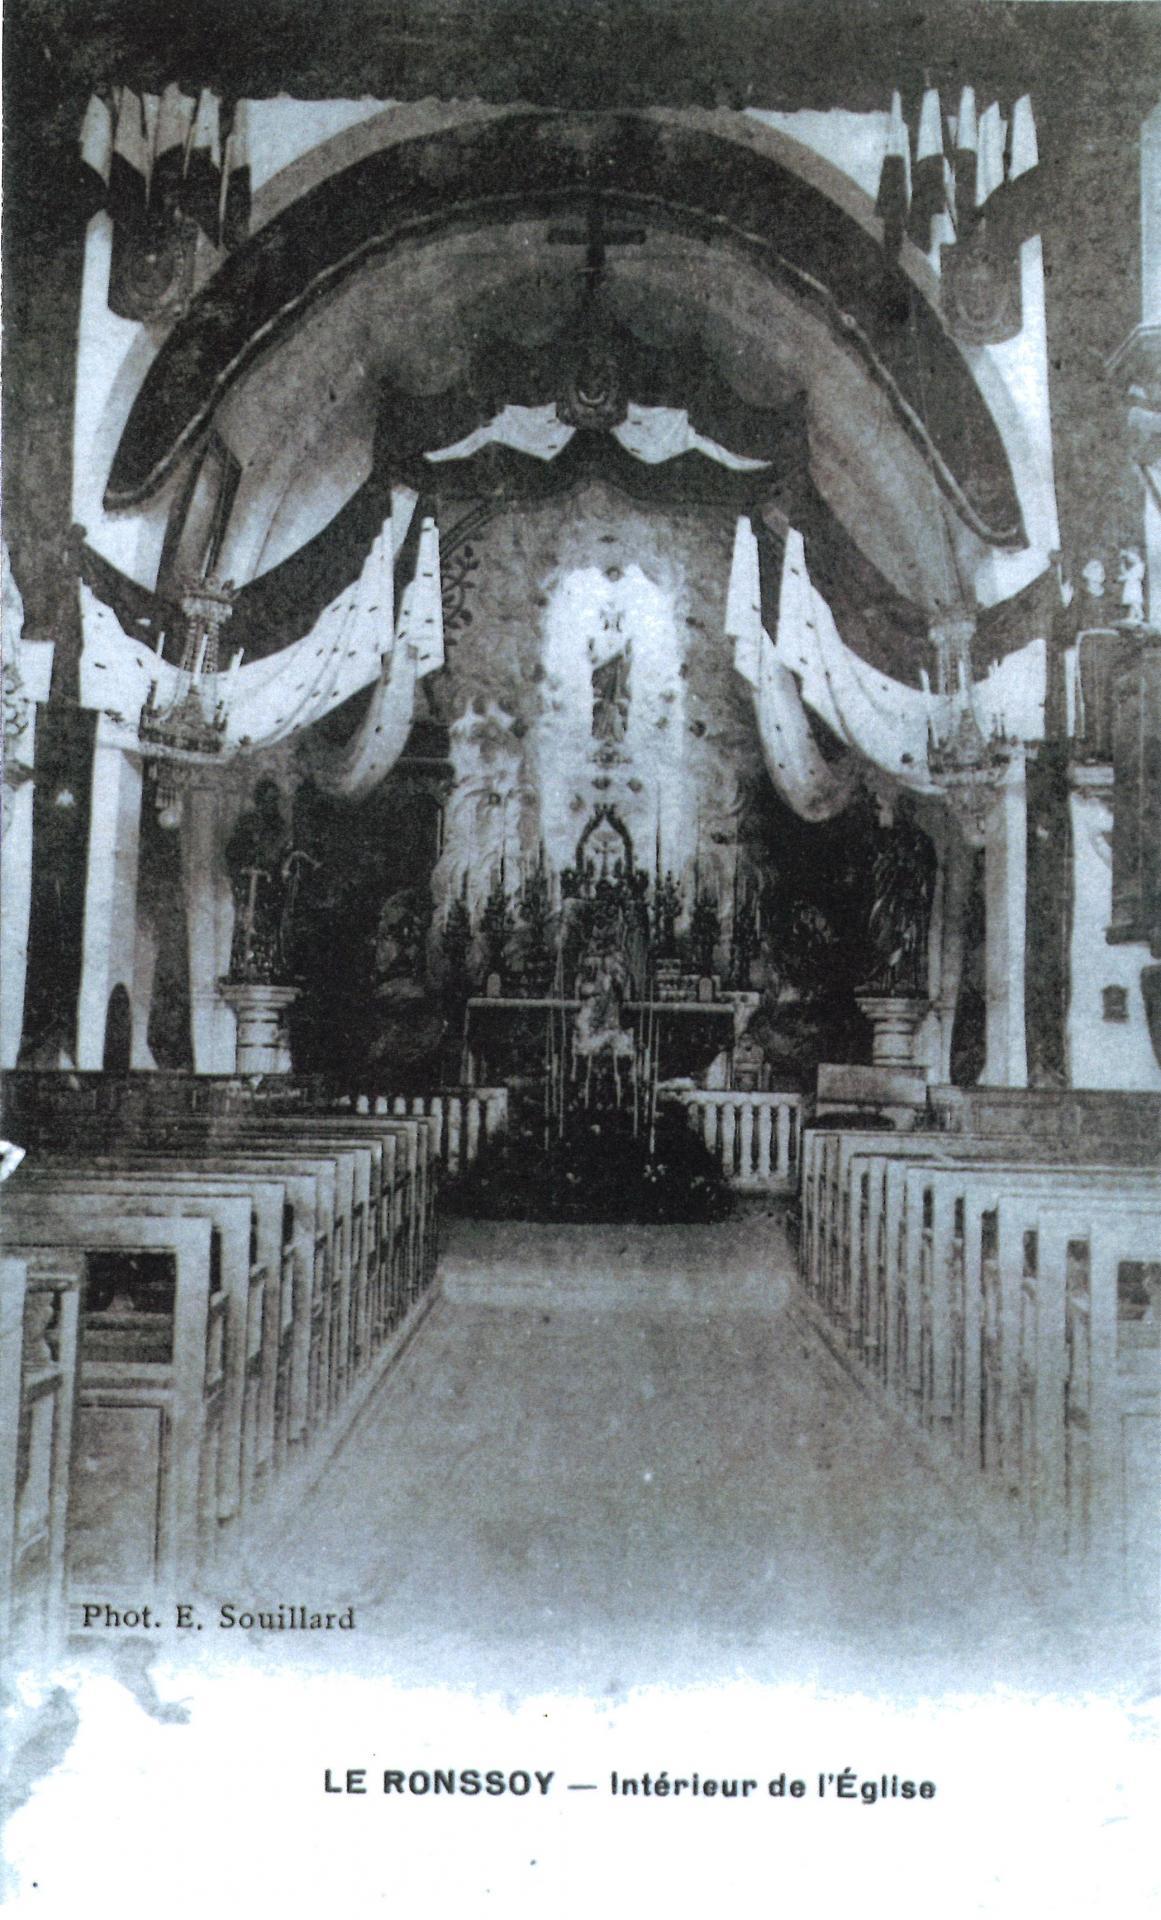 L'intérieur de l'église 1